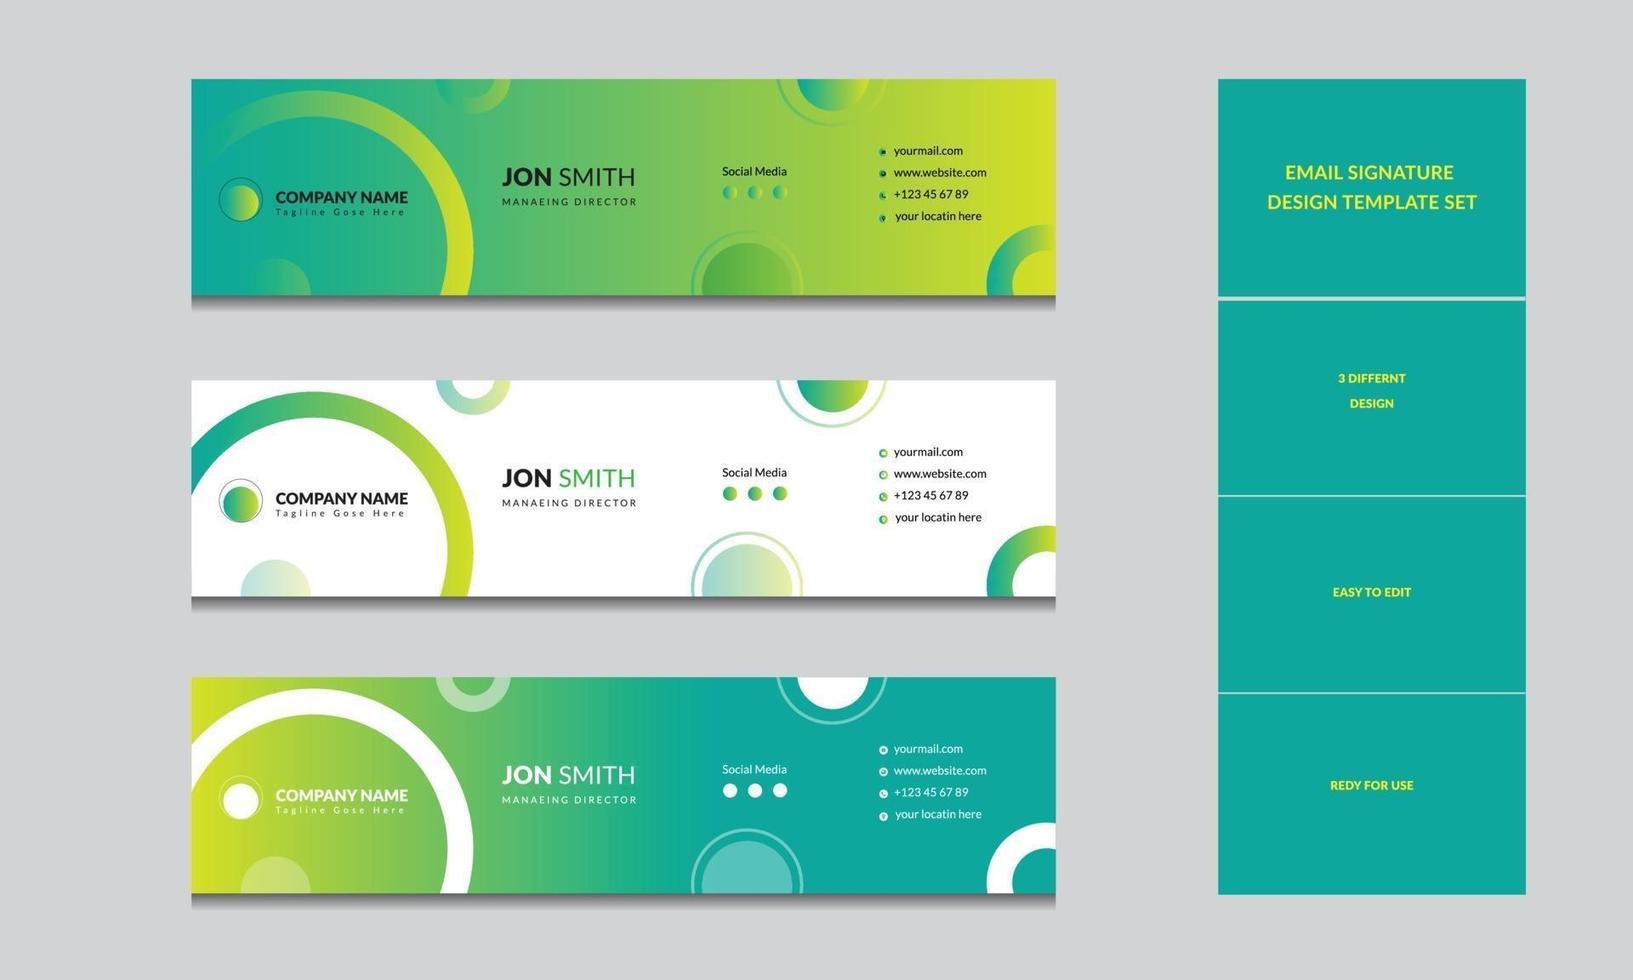 mall för e-signatur, professionell e-postdesignlayout vektor